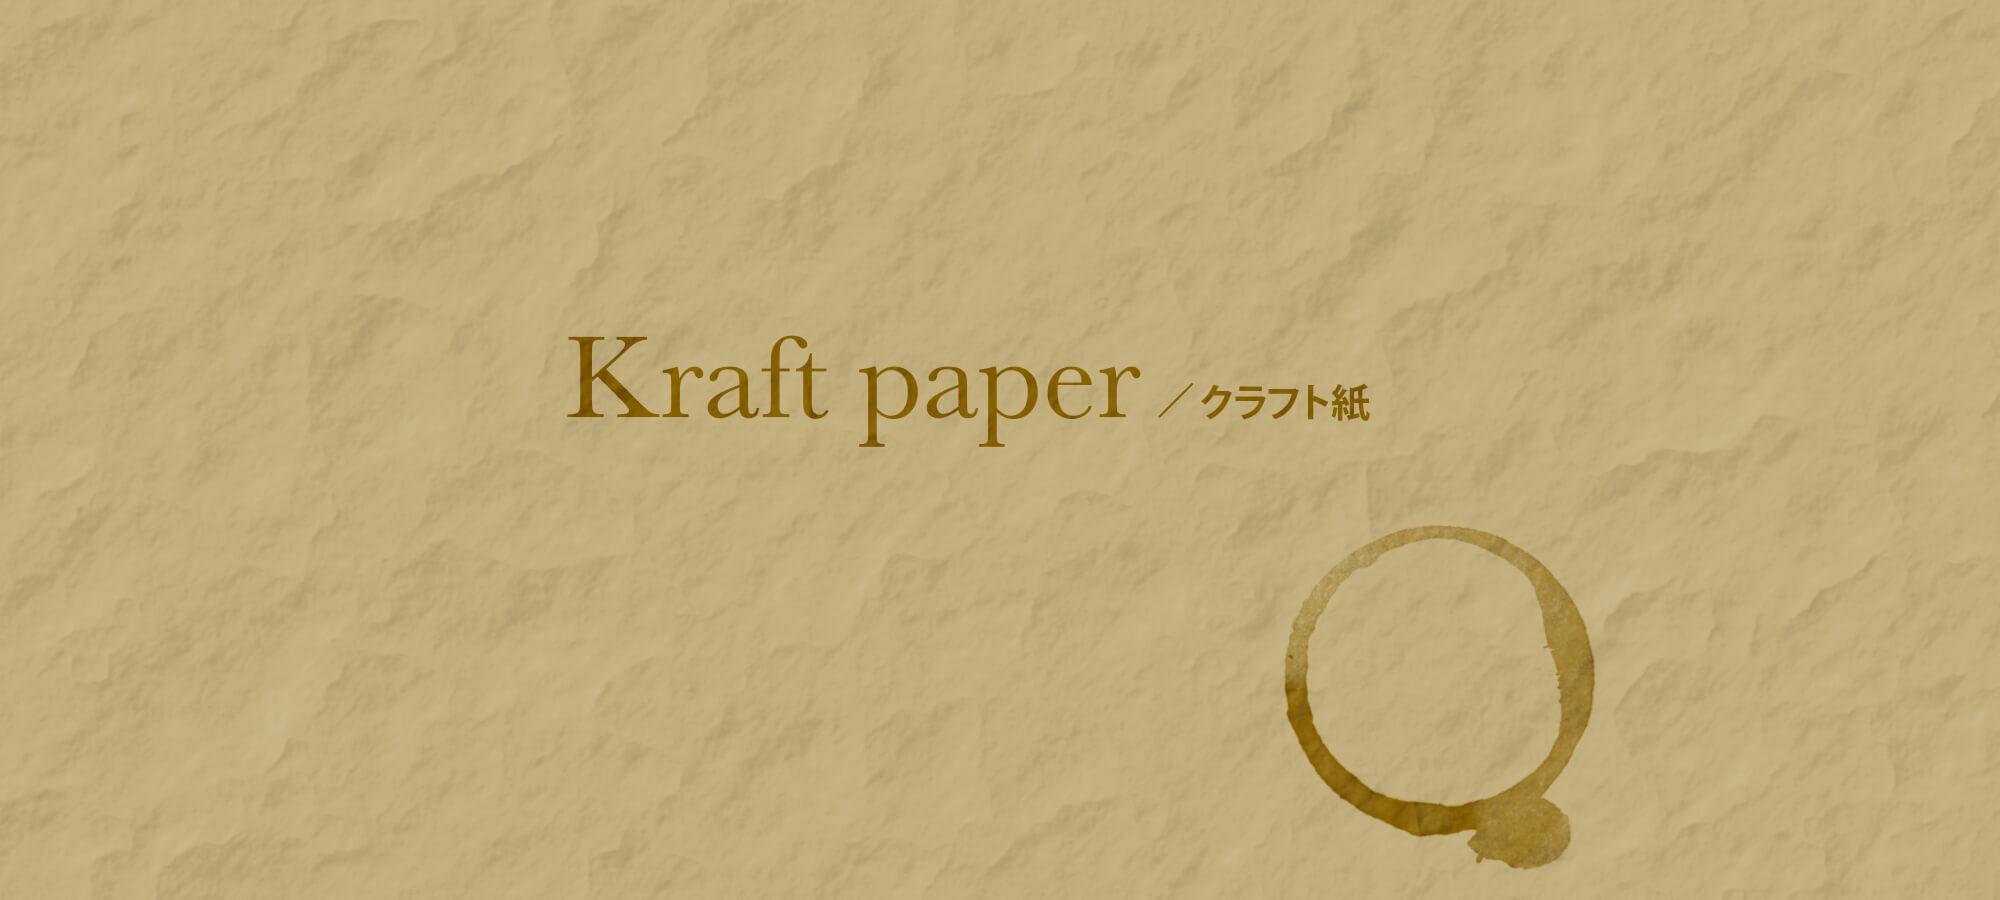 クラフト紙とコーヒカップのシミを作る